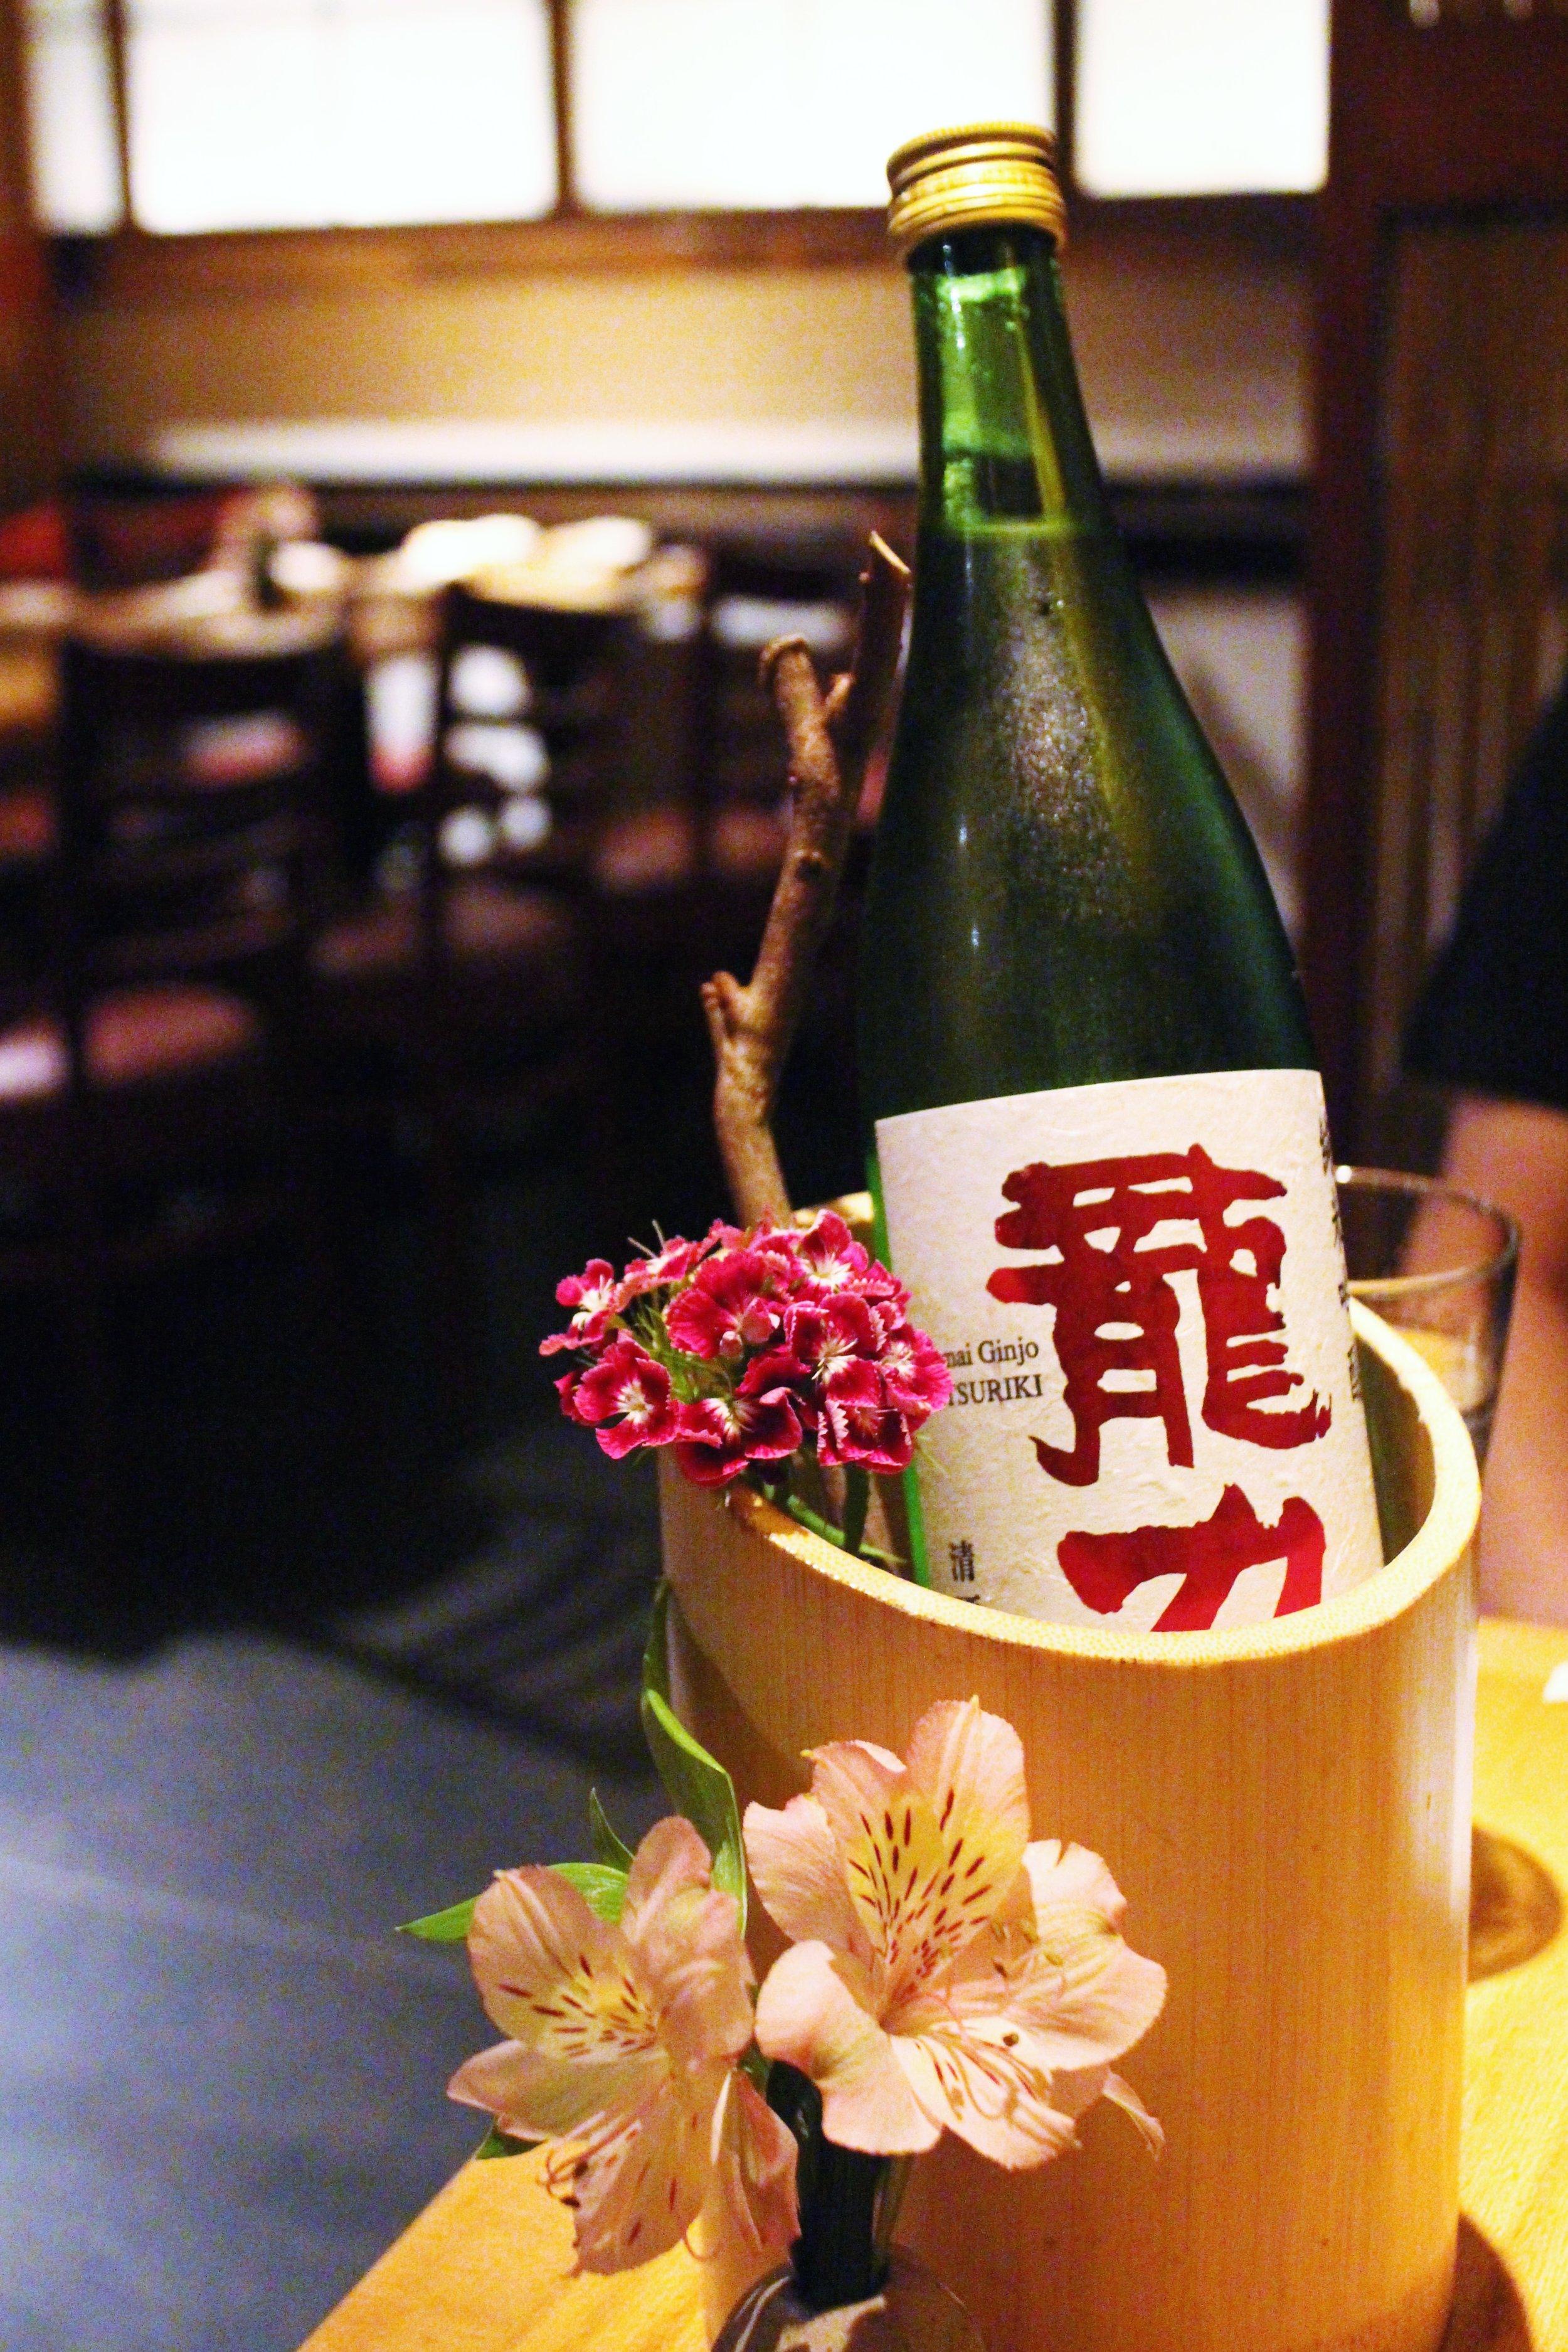 Tatsuriki Sake at Sakagura